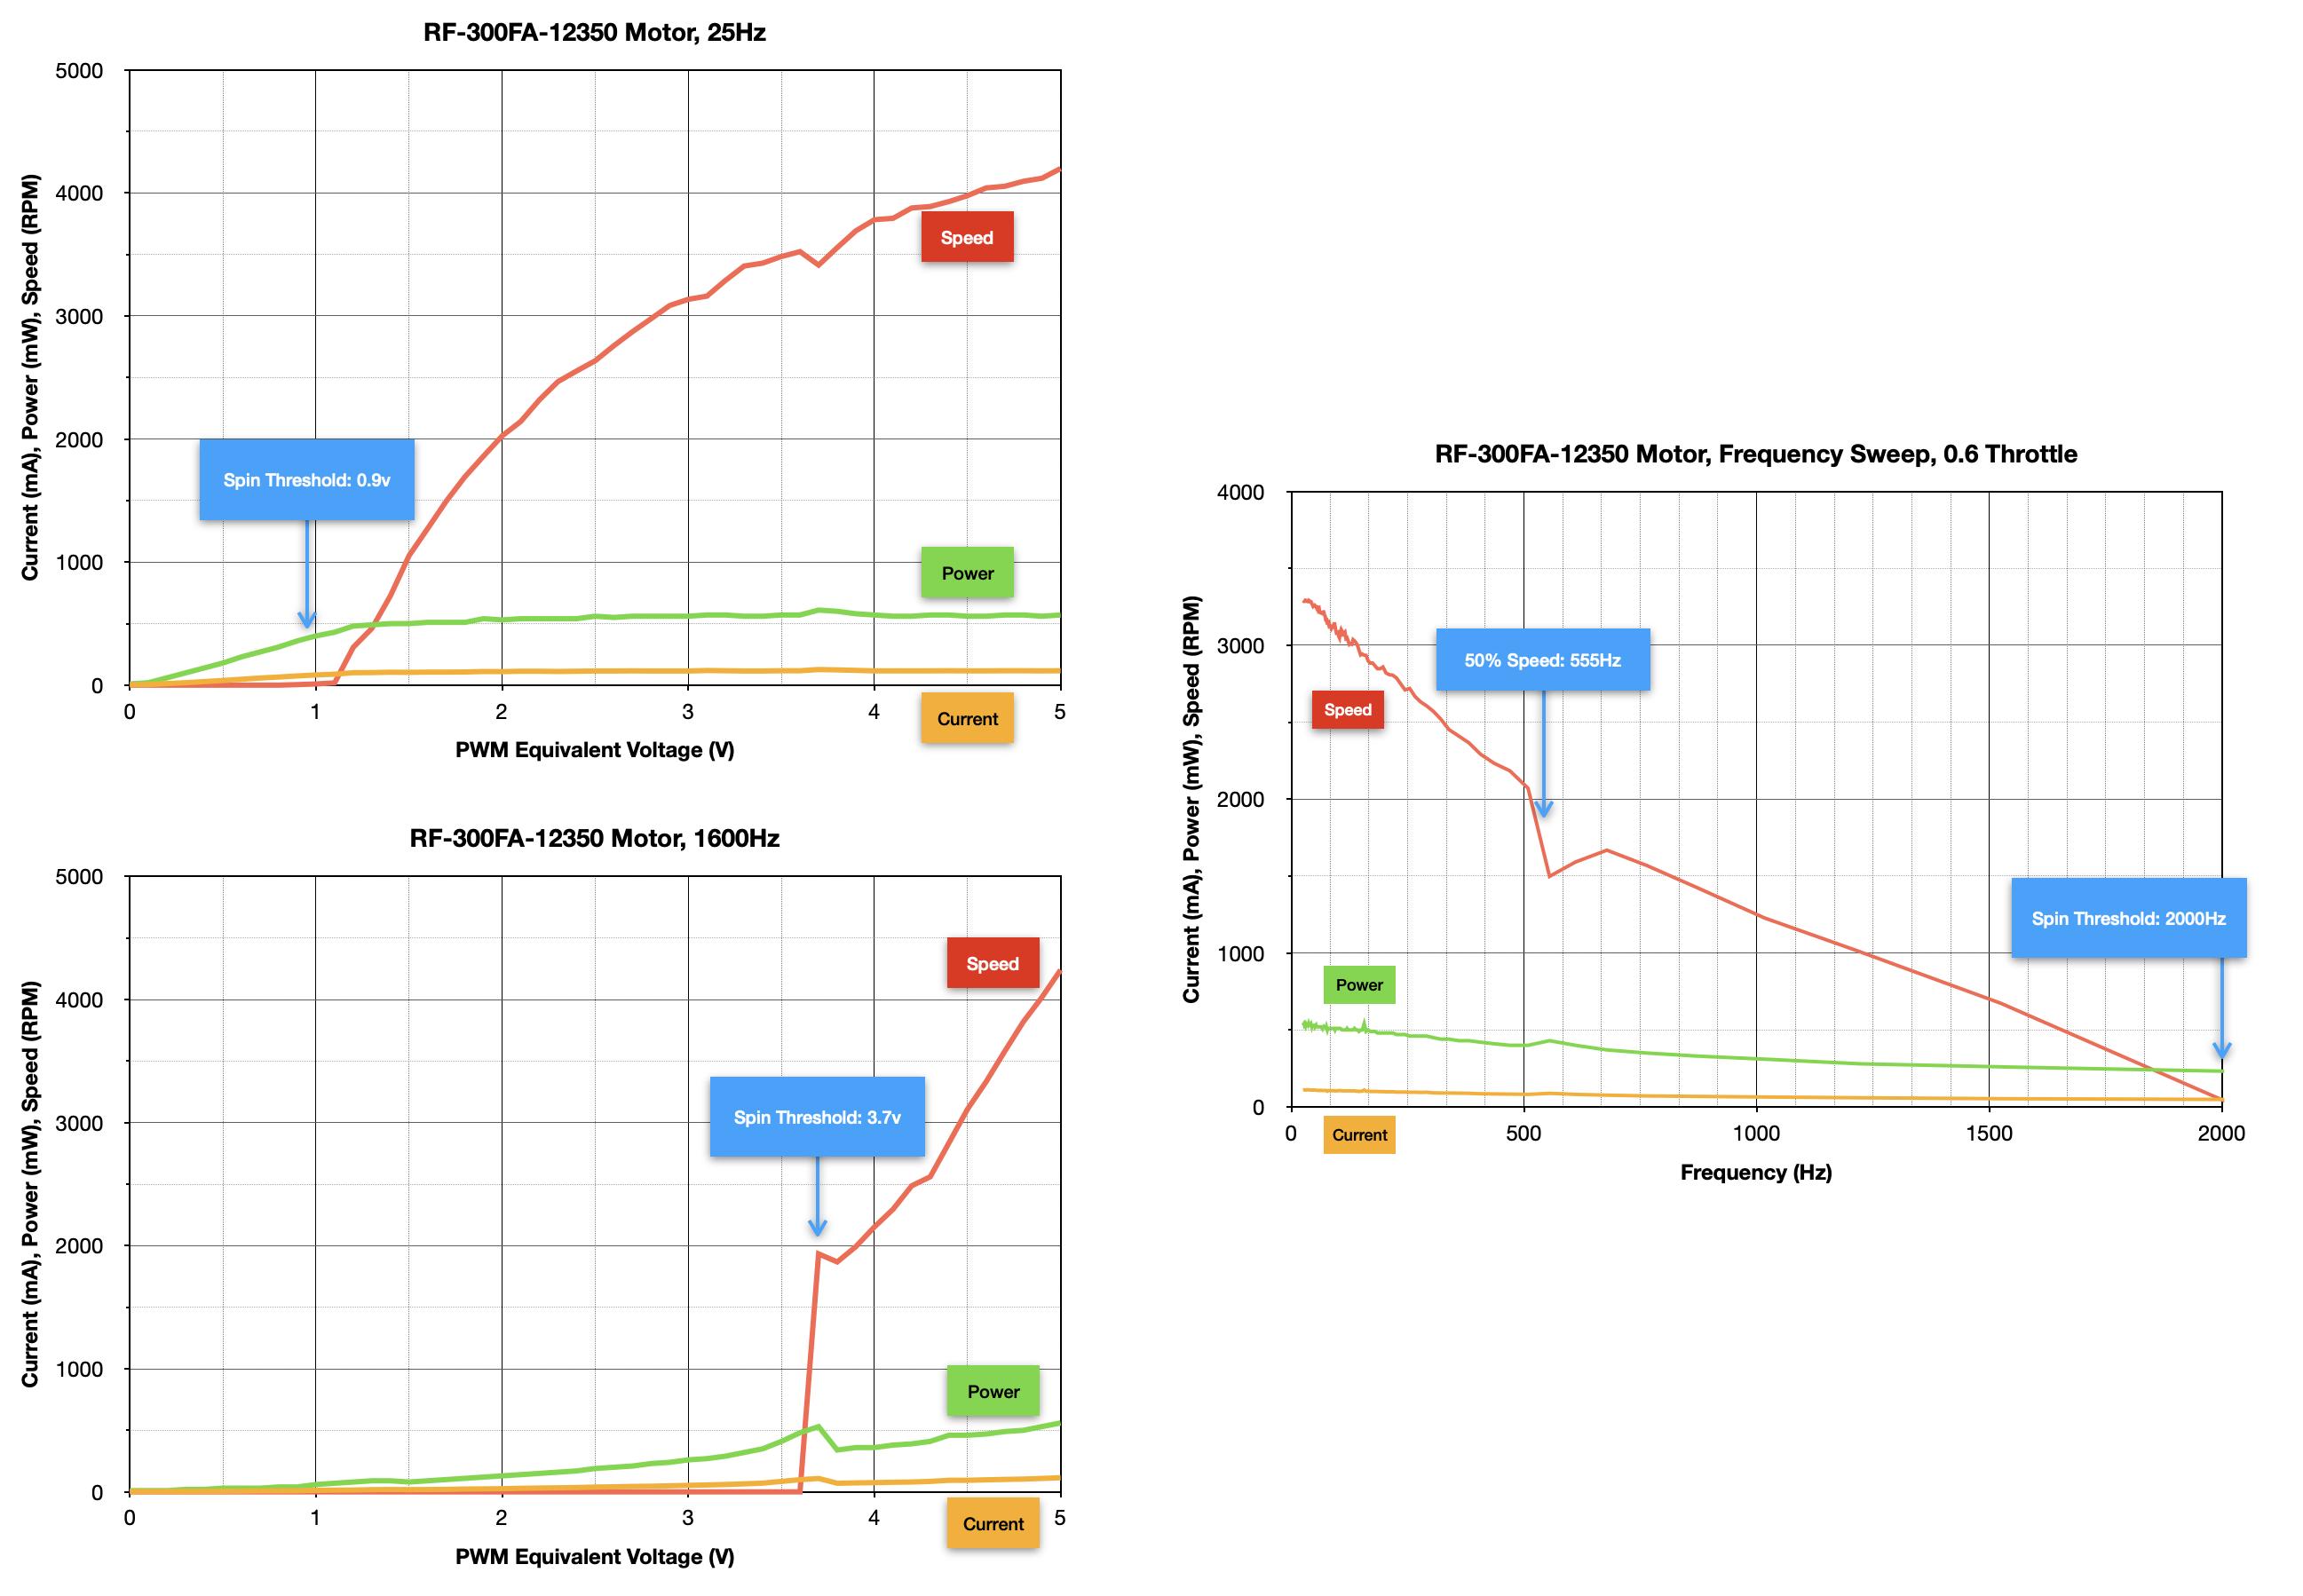 robotics___cnc_RF-300FA-12350_Motor_Summary_Graphs.png